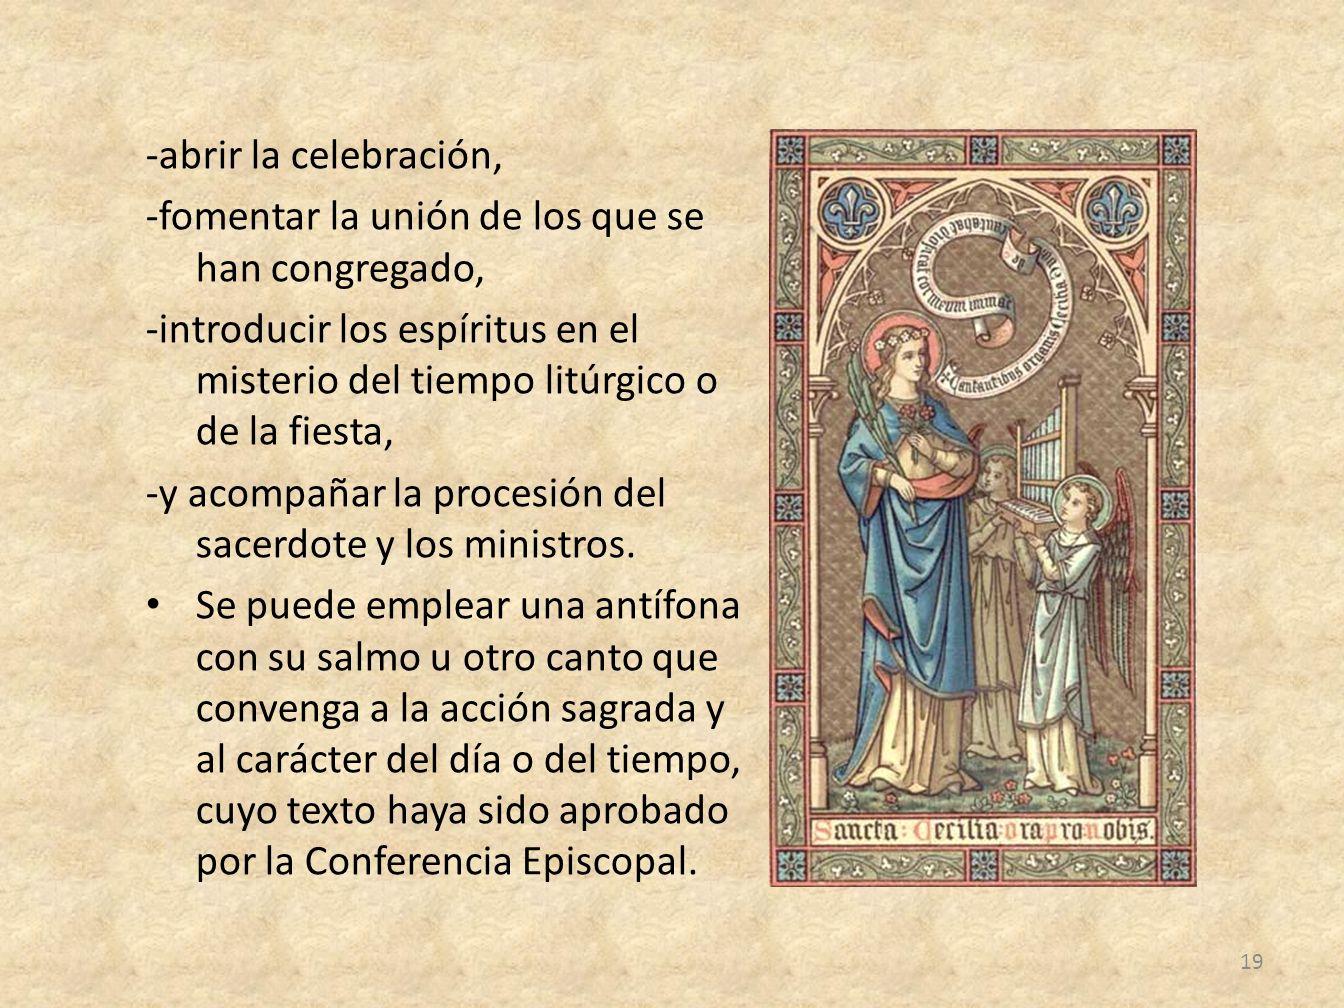 -abrir la celebración, -fomentar la unión de los que se han congregado,